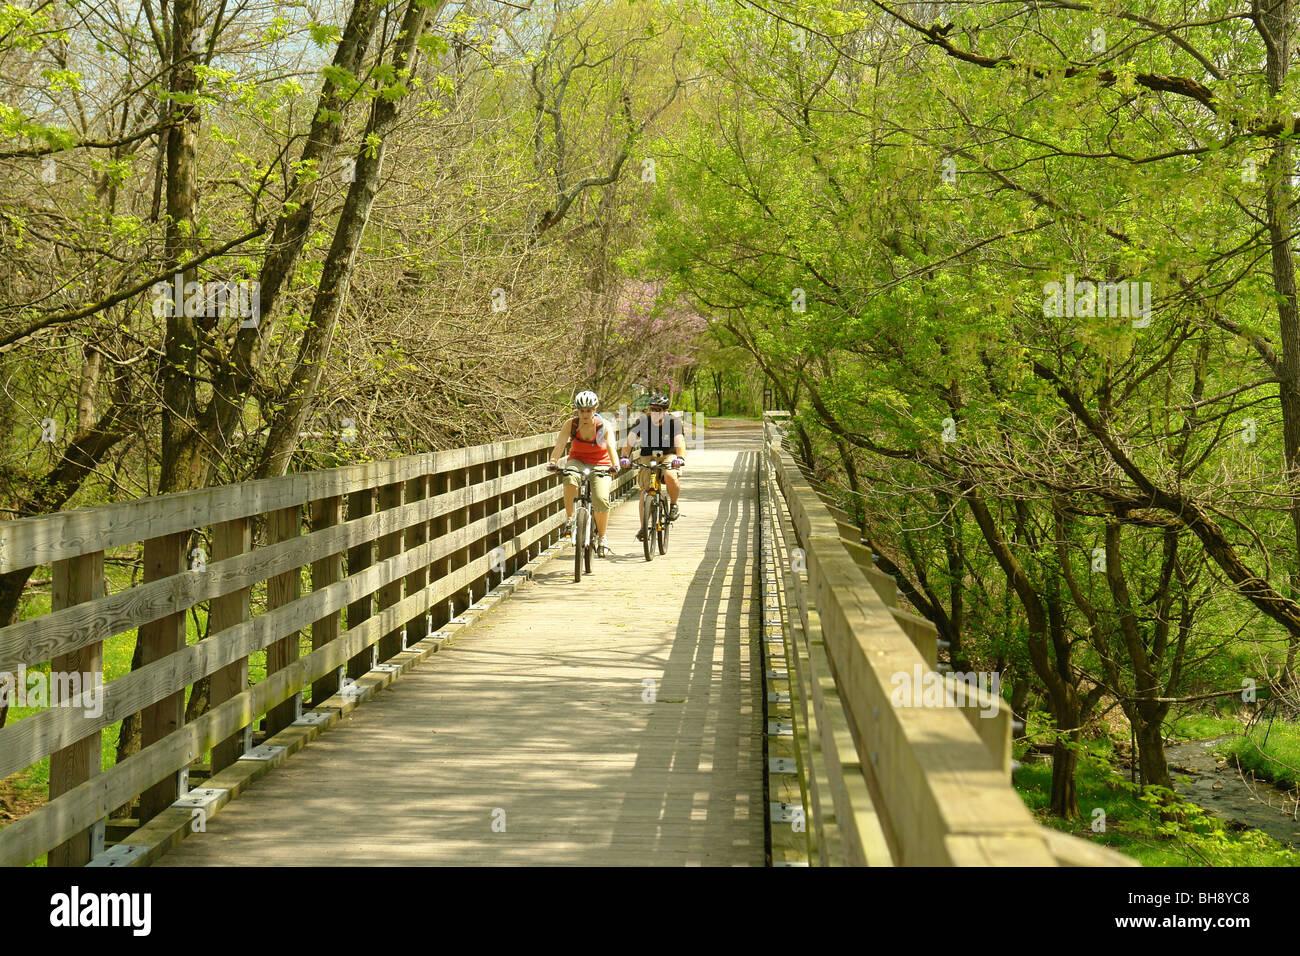 AJD64378, Abingdon, VA, Virginie, la Virginia creeper Trail, couple cycliste, Train Trestle Bridge, Banque D'Images